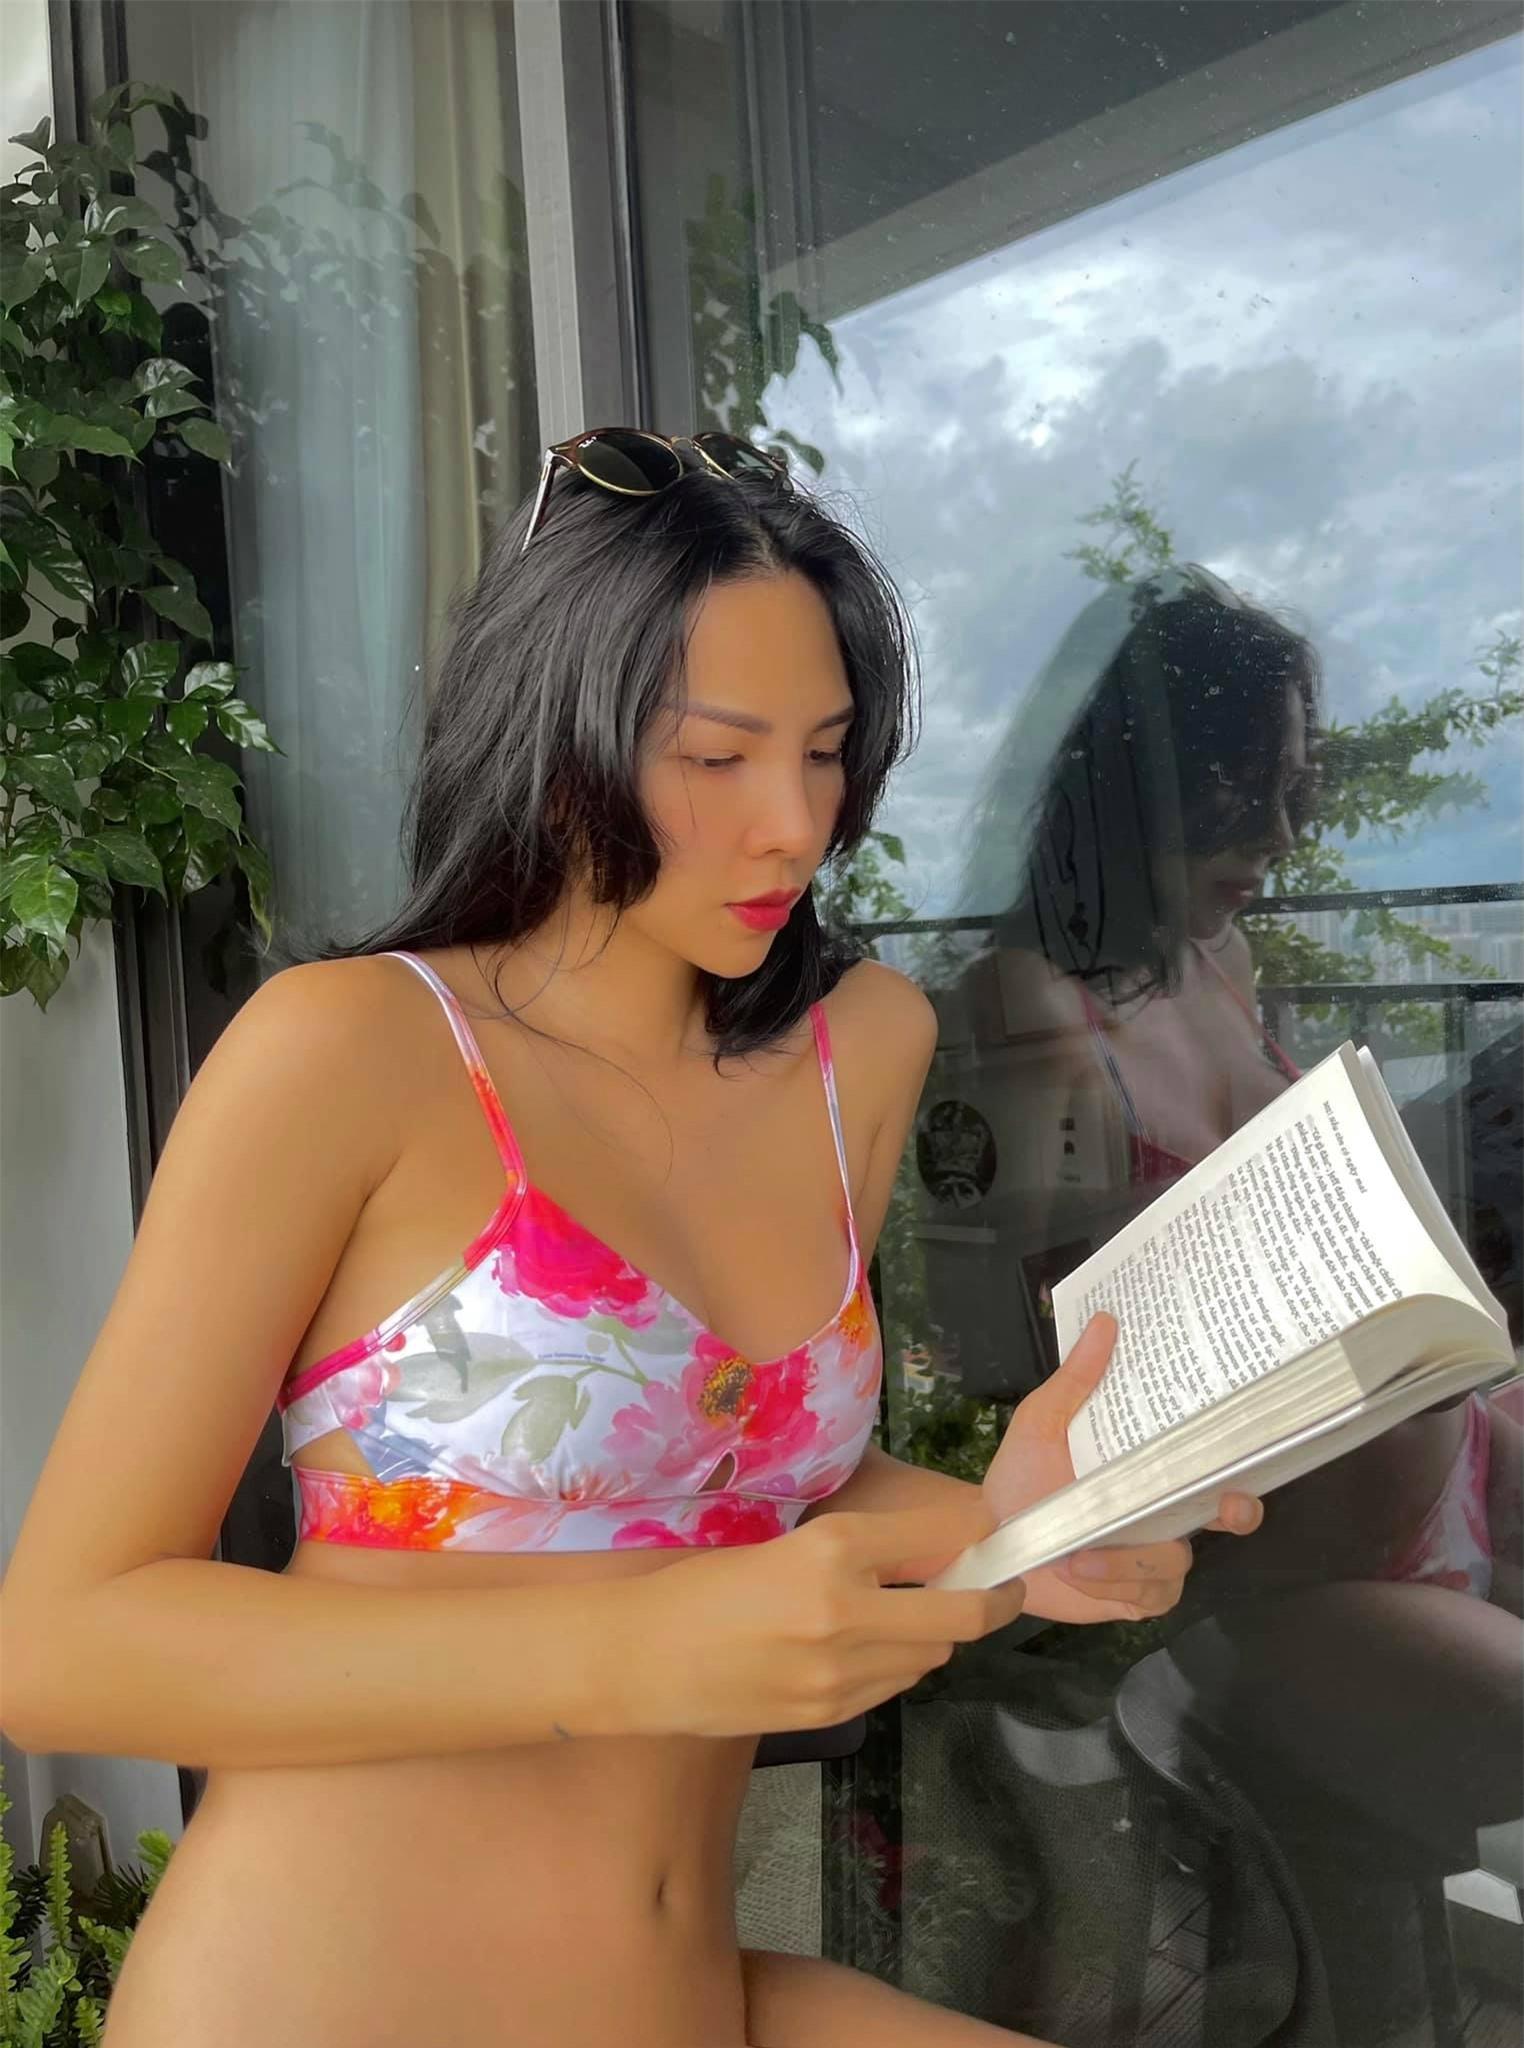 Siêu mẫu Minh Triệu tung loạt ảnh gợi cảm khoe eo con kiến, chân nuột nà - Ảnh 2.